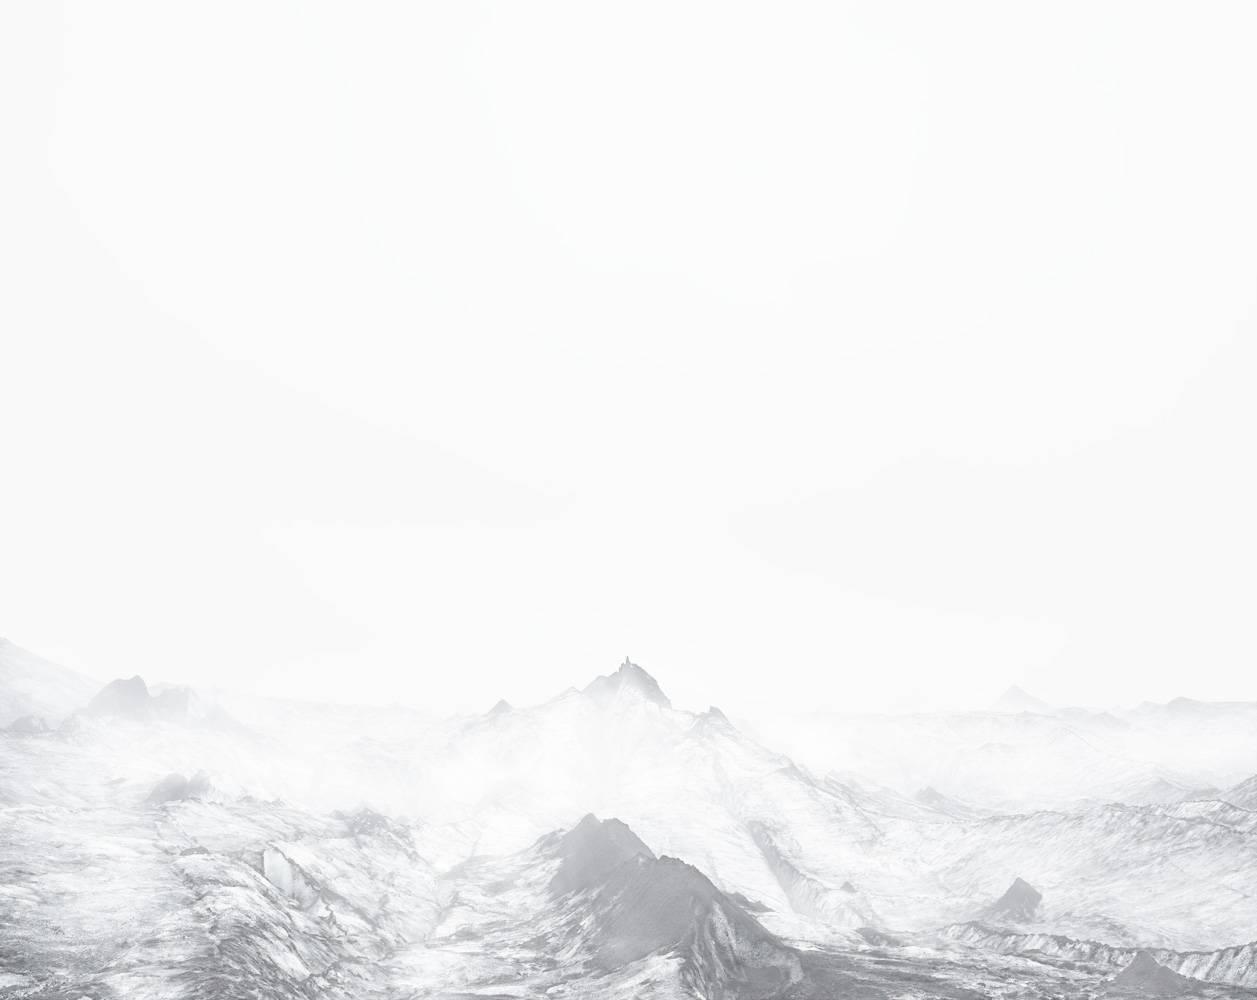 Sólheimajökull, Plate II, Iceland 2